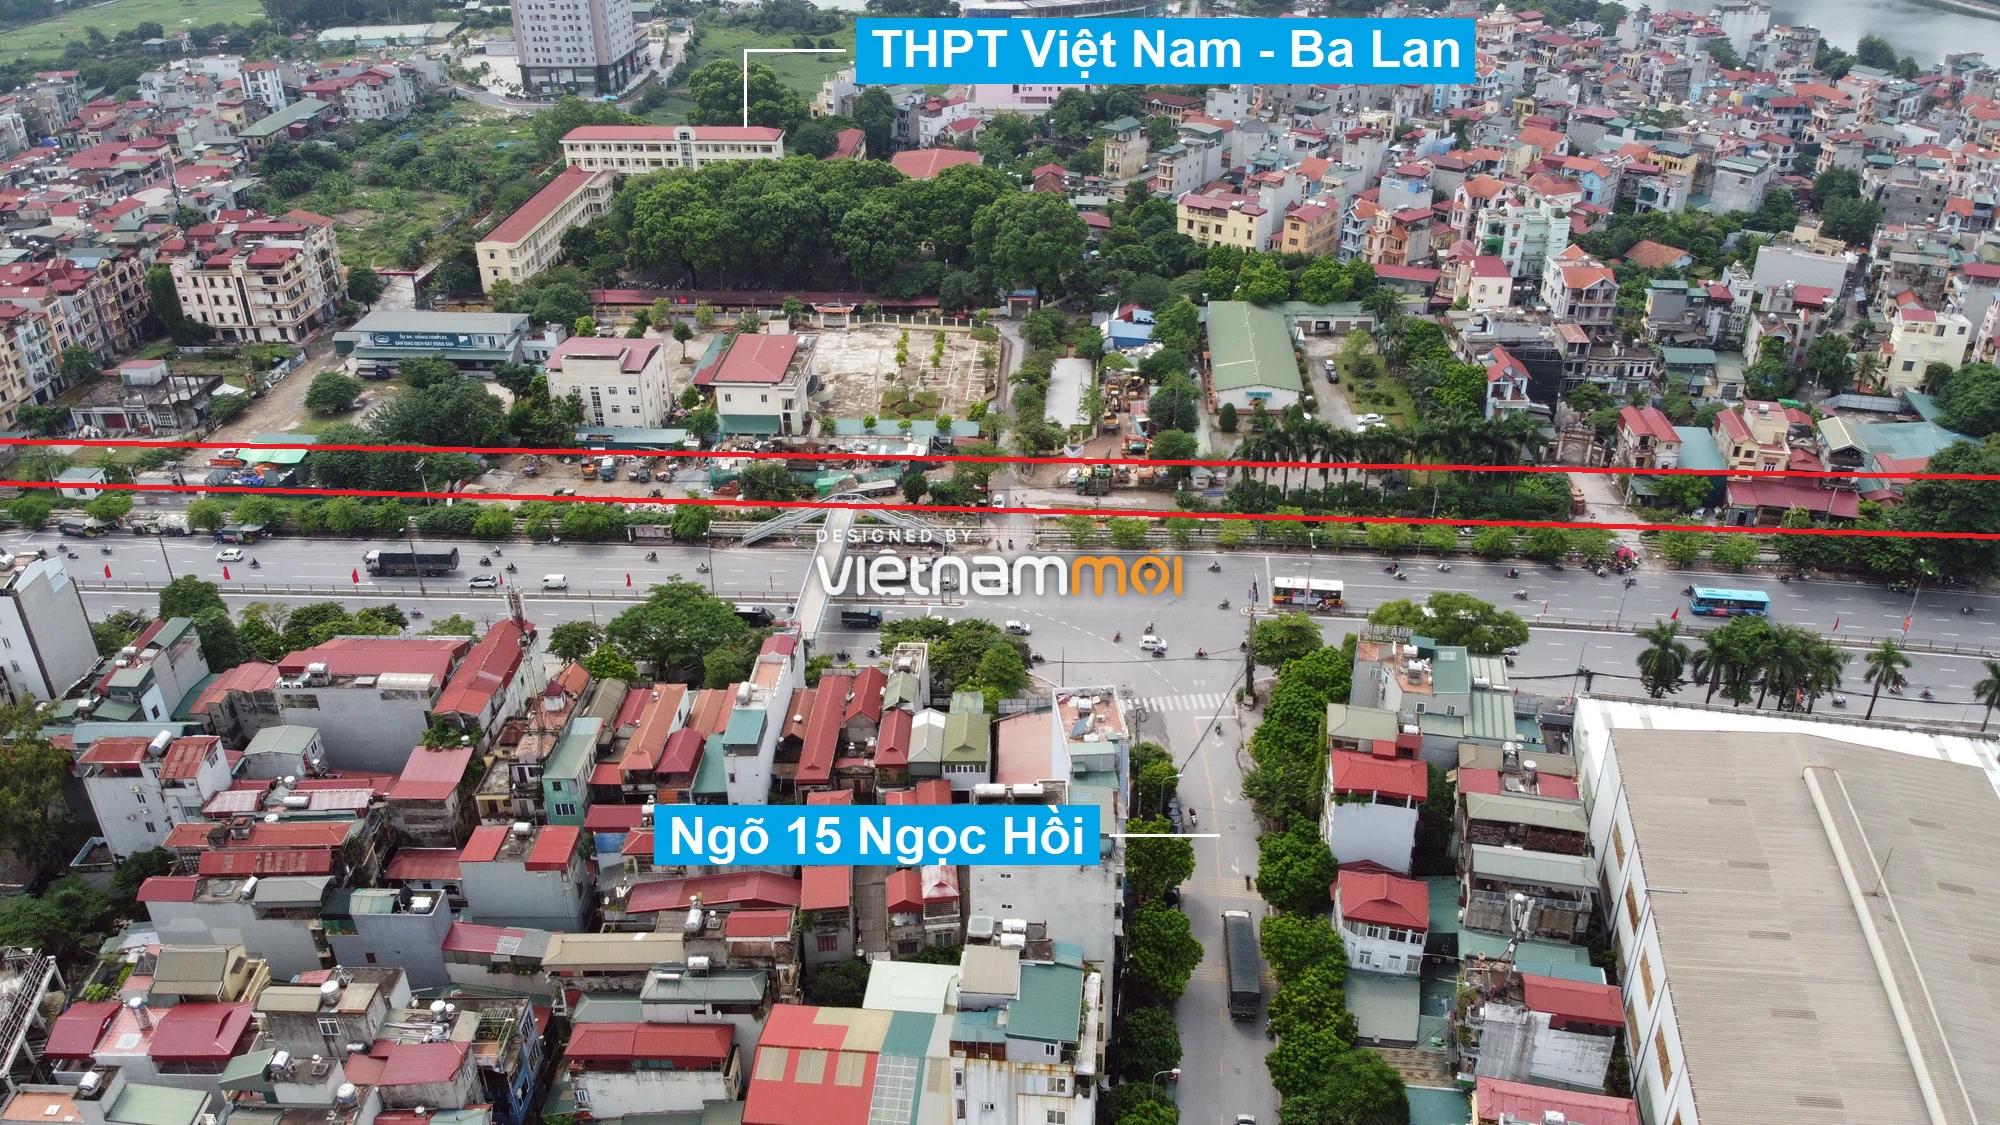 Những khu đất sắp thu hồi để mở đường ở quận Hoàng Mai, Hà Nội (phần 2) - Ảnh 8.